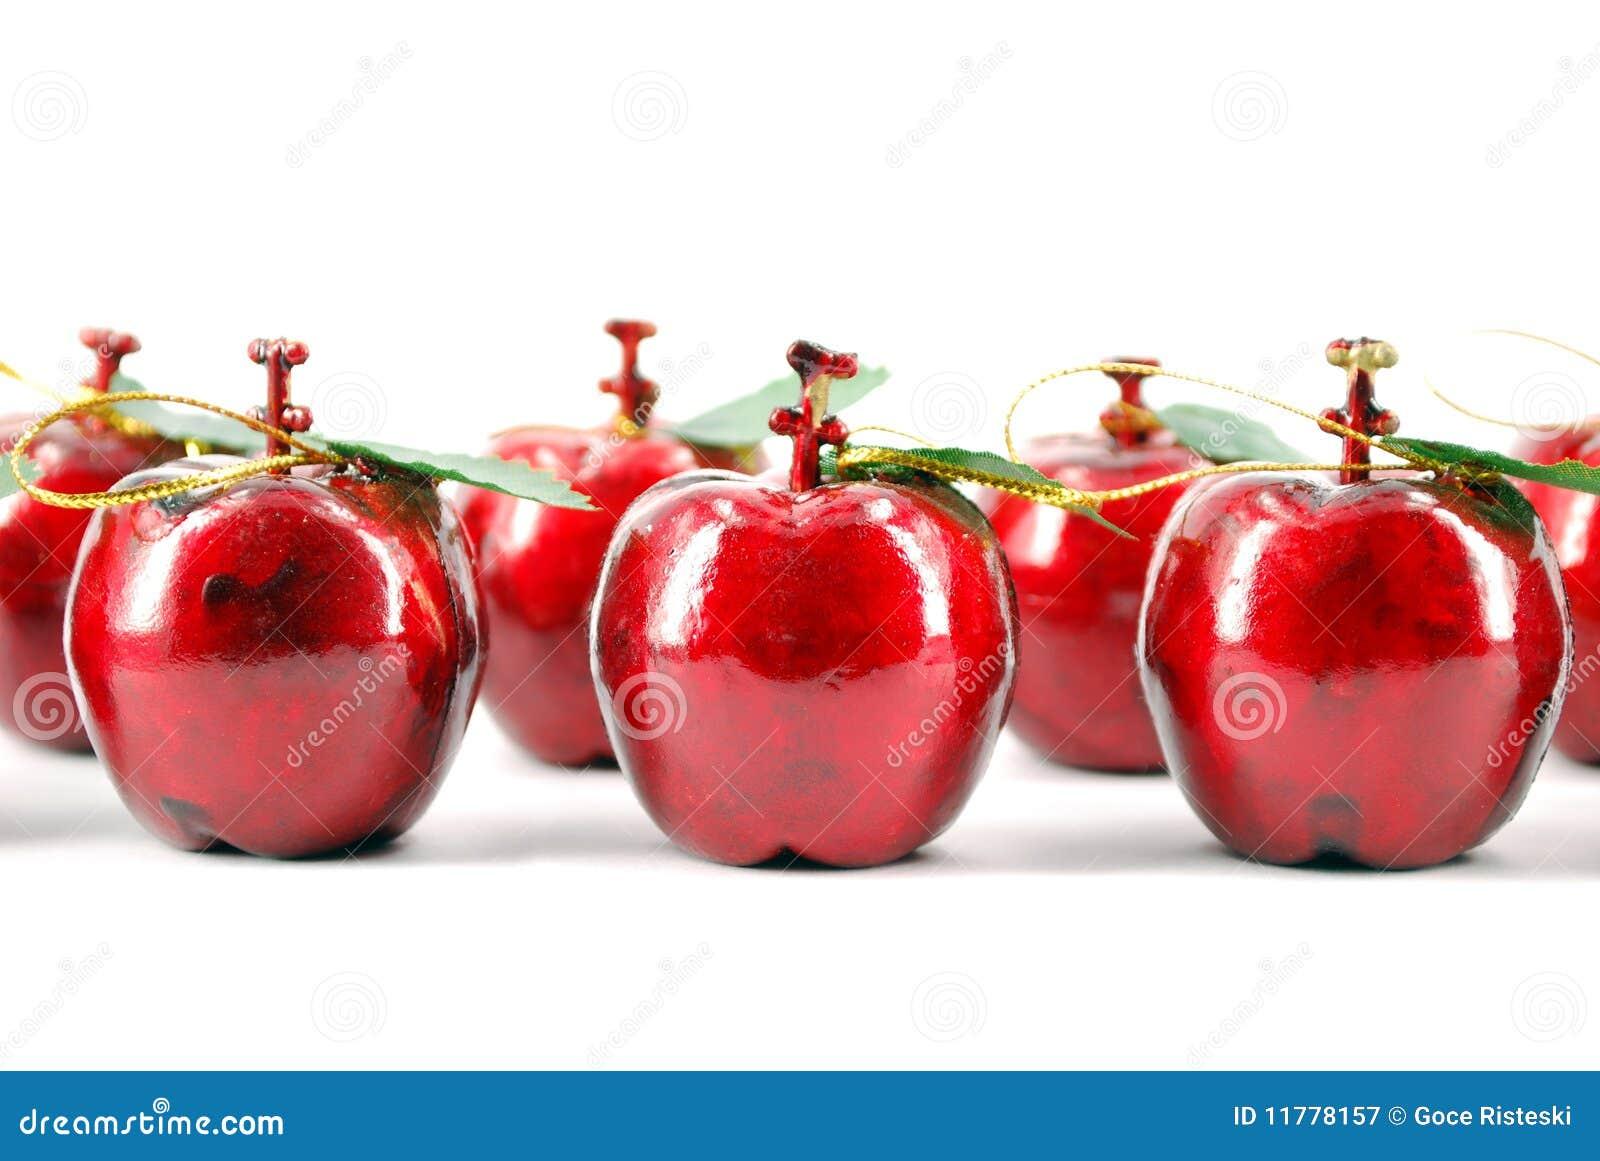 d coration rouge de no l de pomme photographie stock libre de droits image 11778157. Black Bedroom Furniture Sets. Home Design Ideas